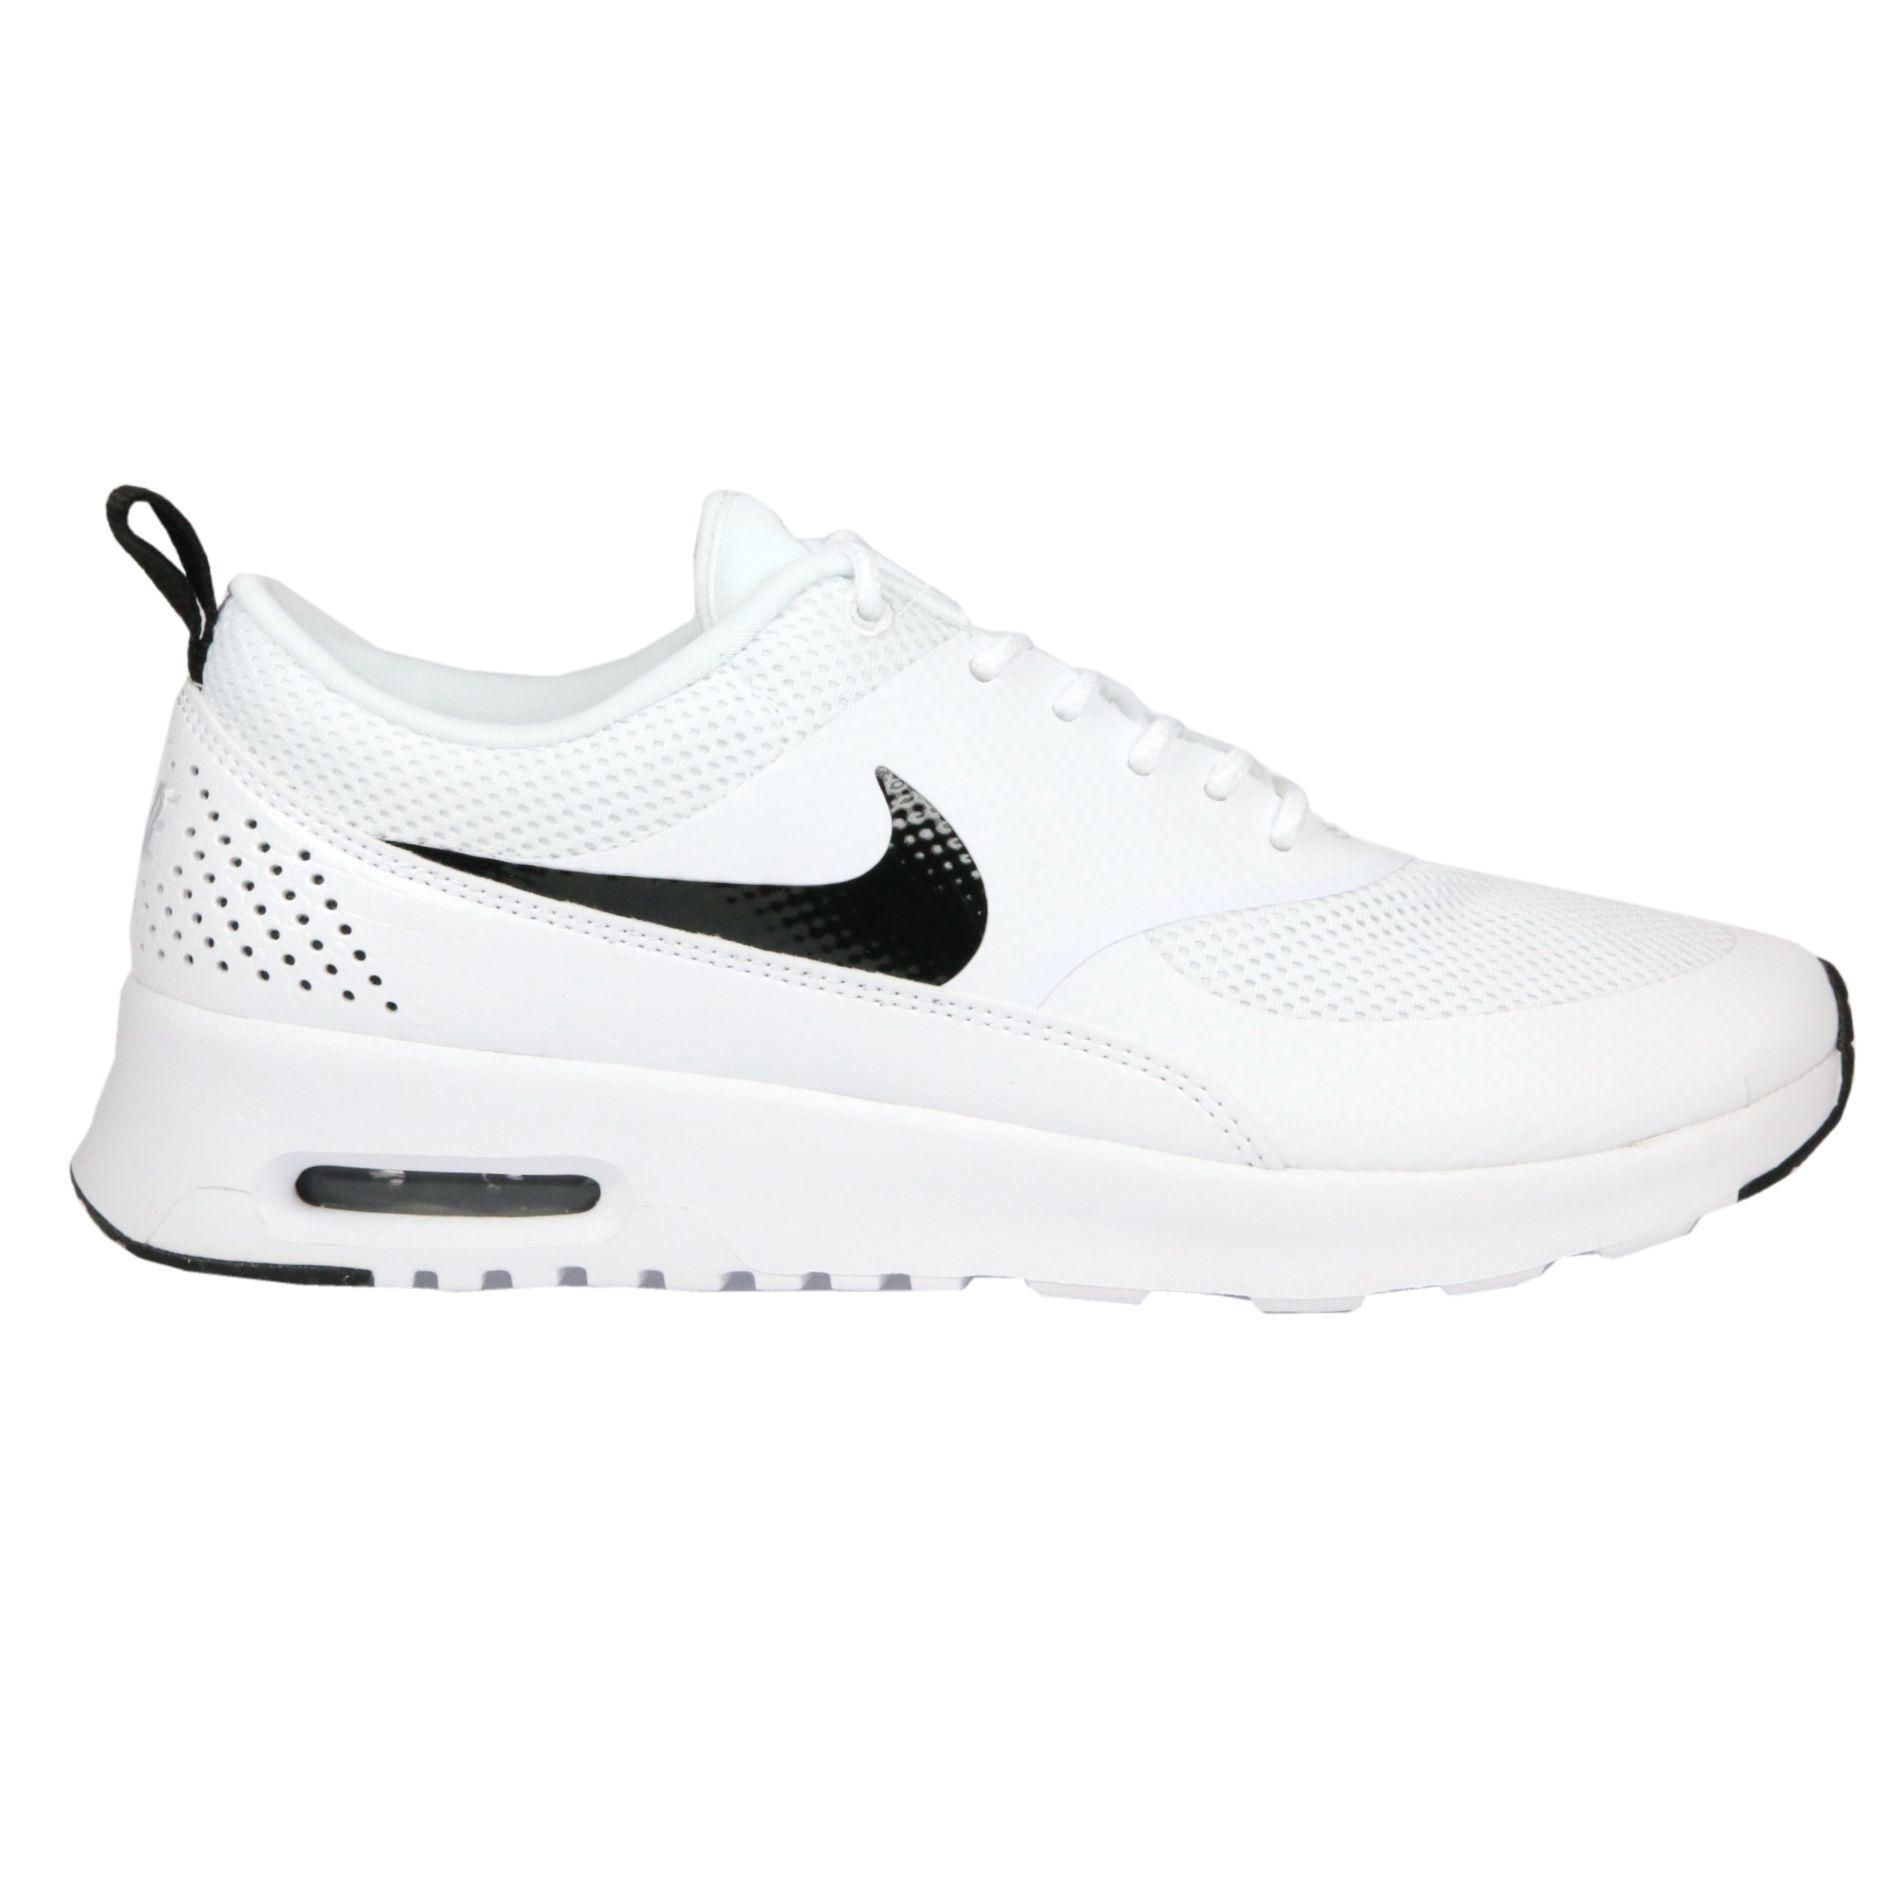 5ef0a5928982f9 Nike Air Max Thea Schuhe Turnschuhe Sneaker Damen Weiß 599409-103